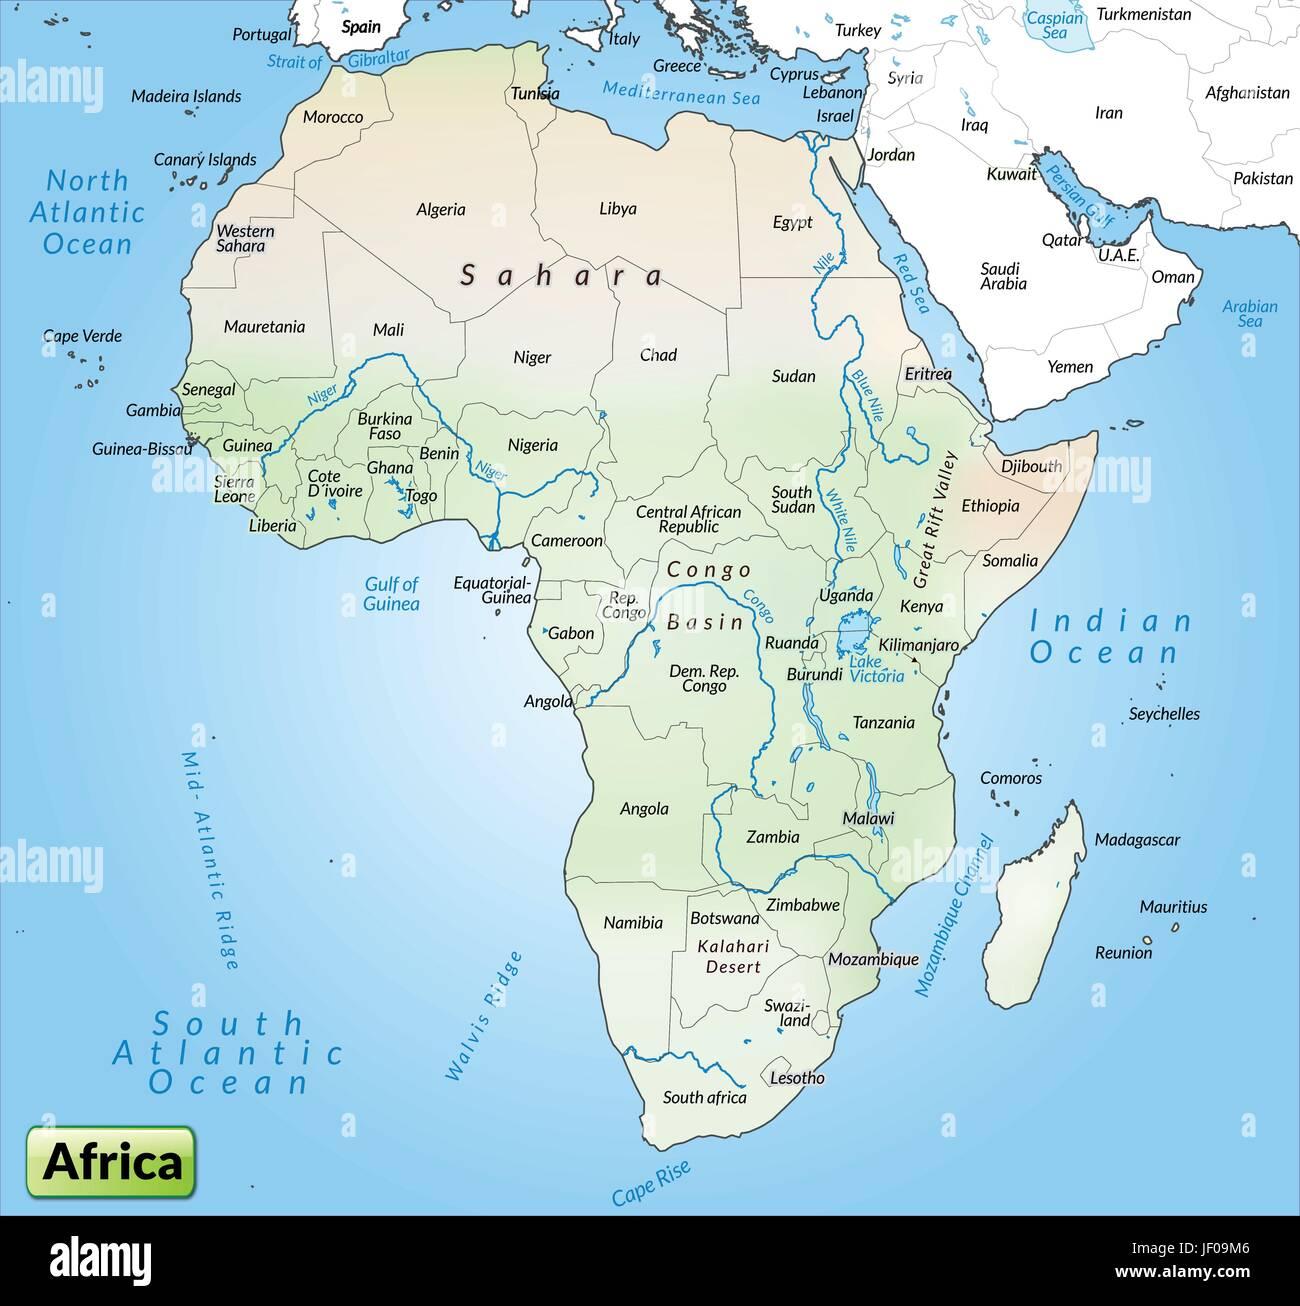 Karte Afrika.Karte Atlas Karte Der Welt Karte Afrika Grenze Karte Synopse